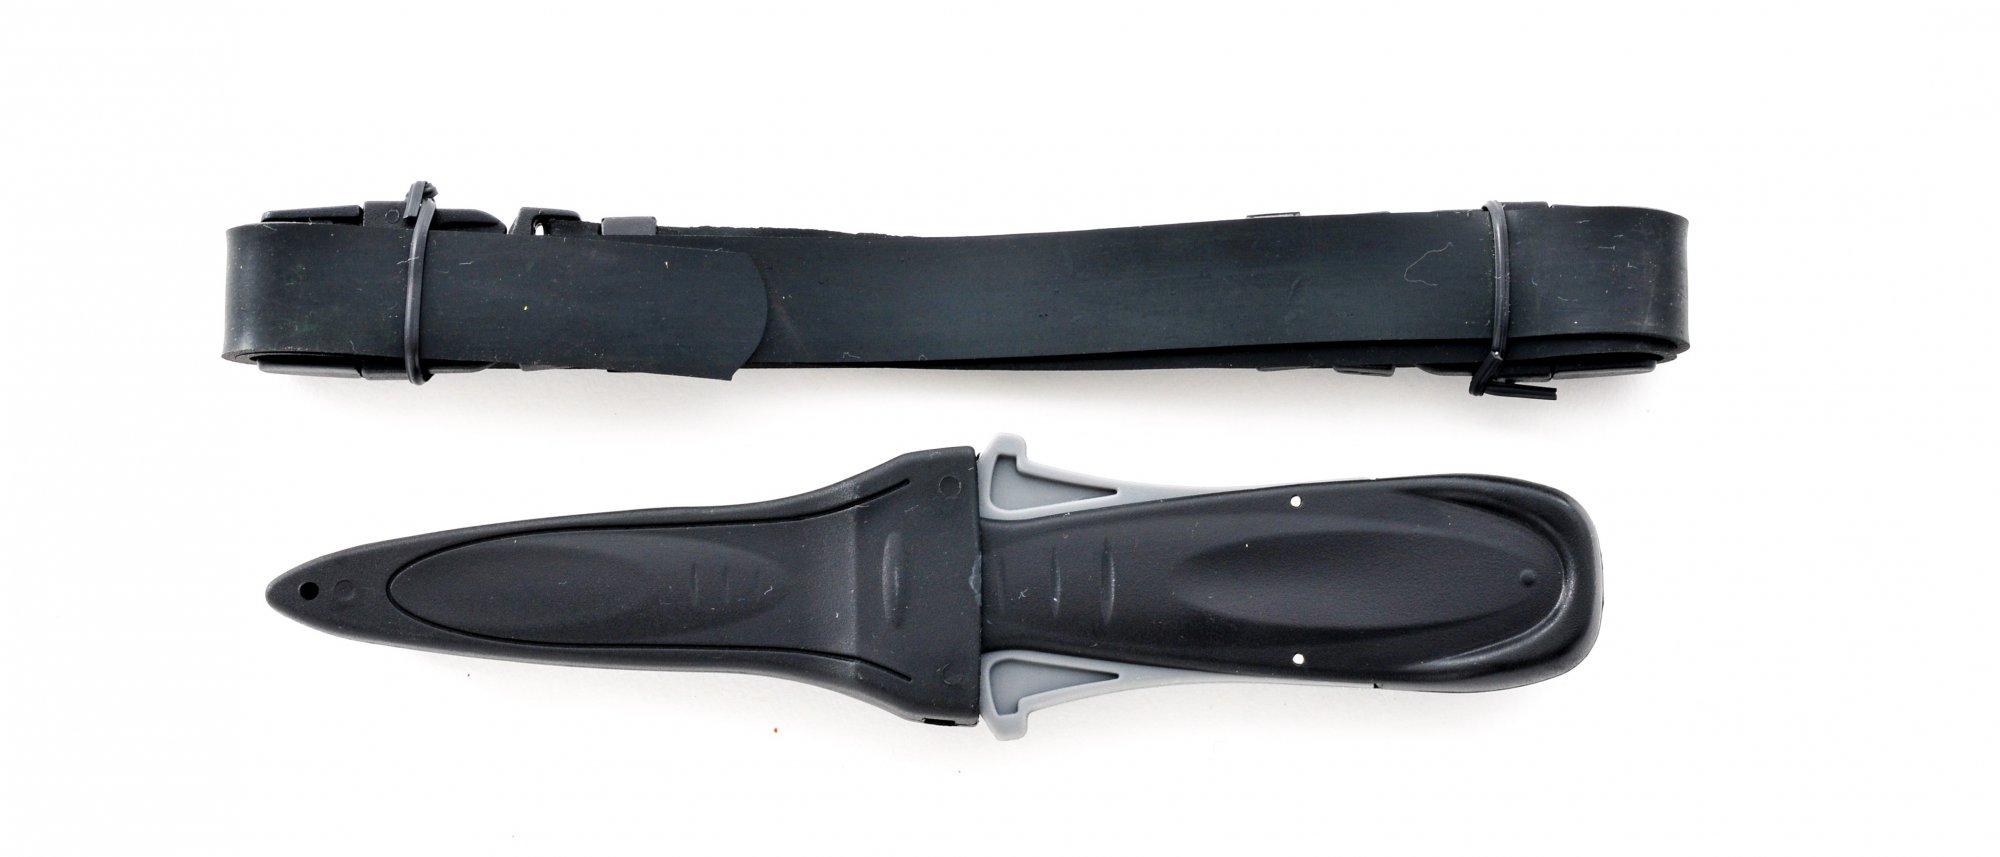 Spearpro Ribbon 9 Knife